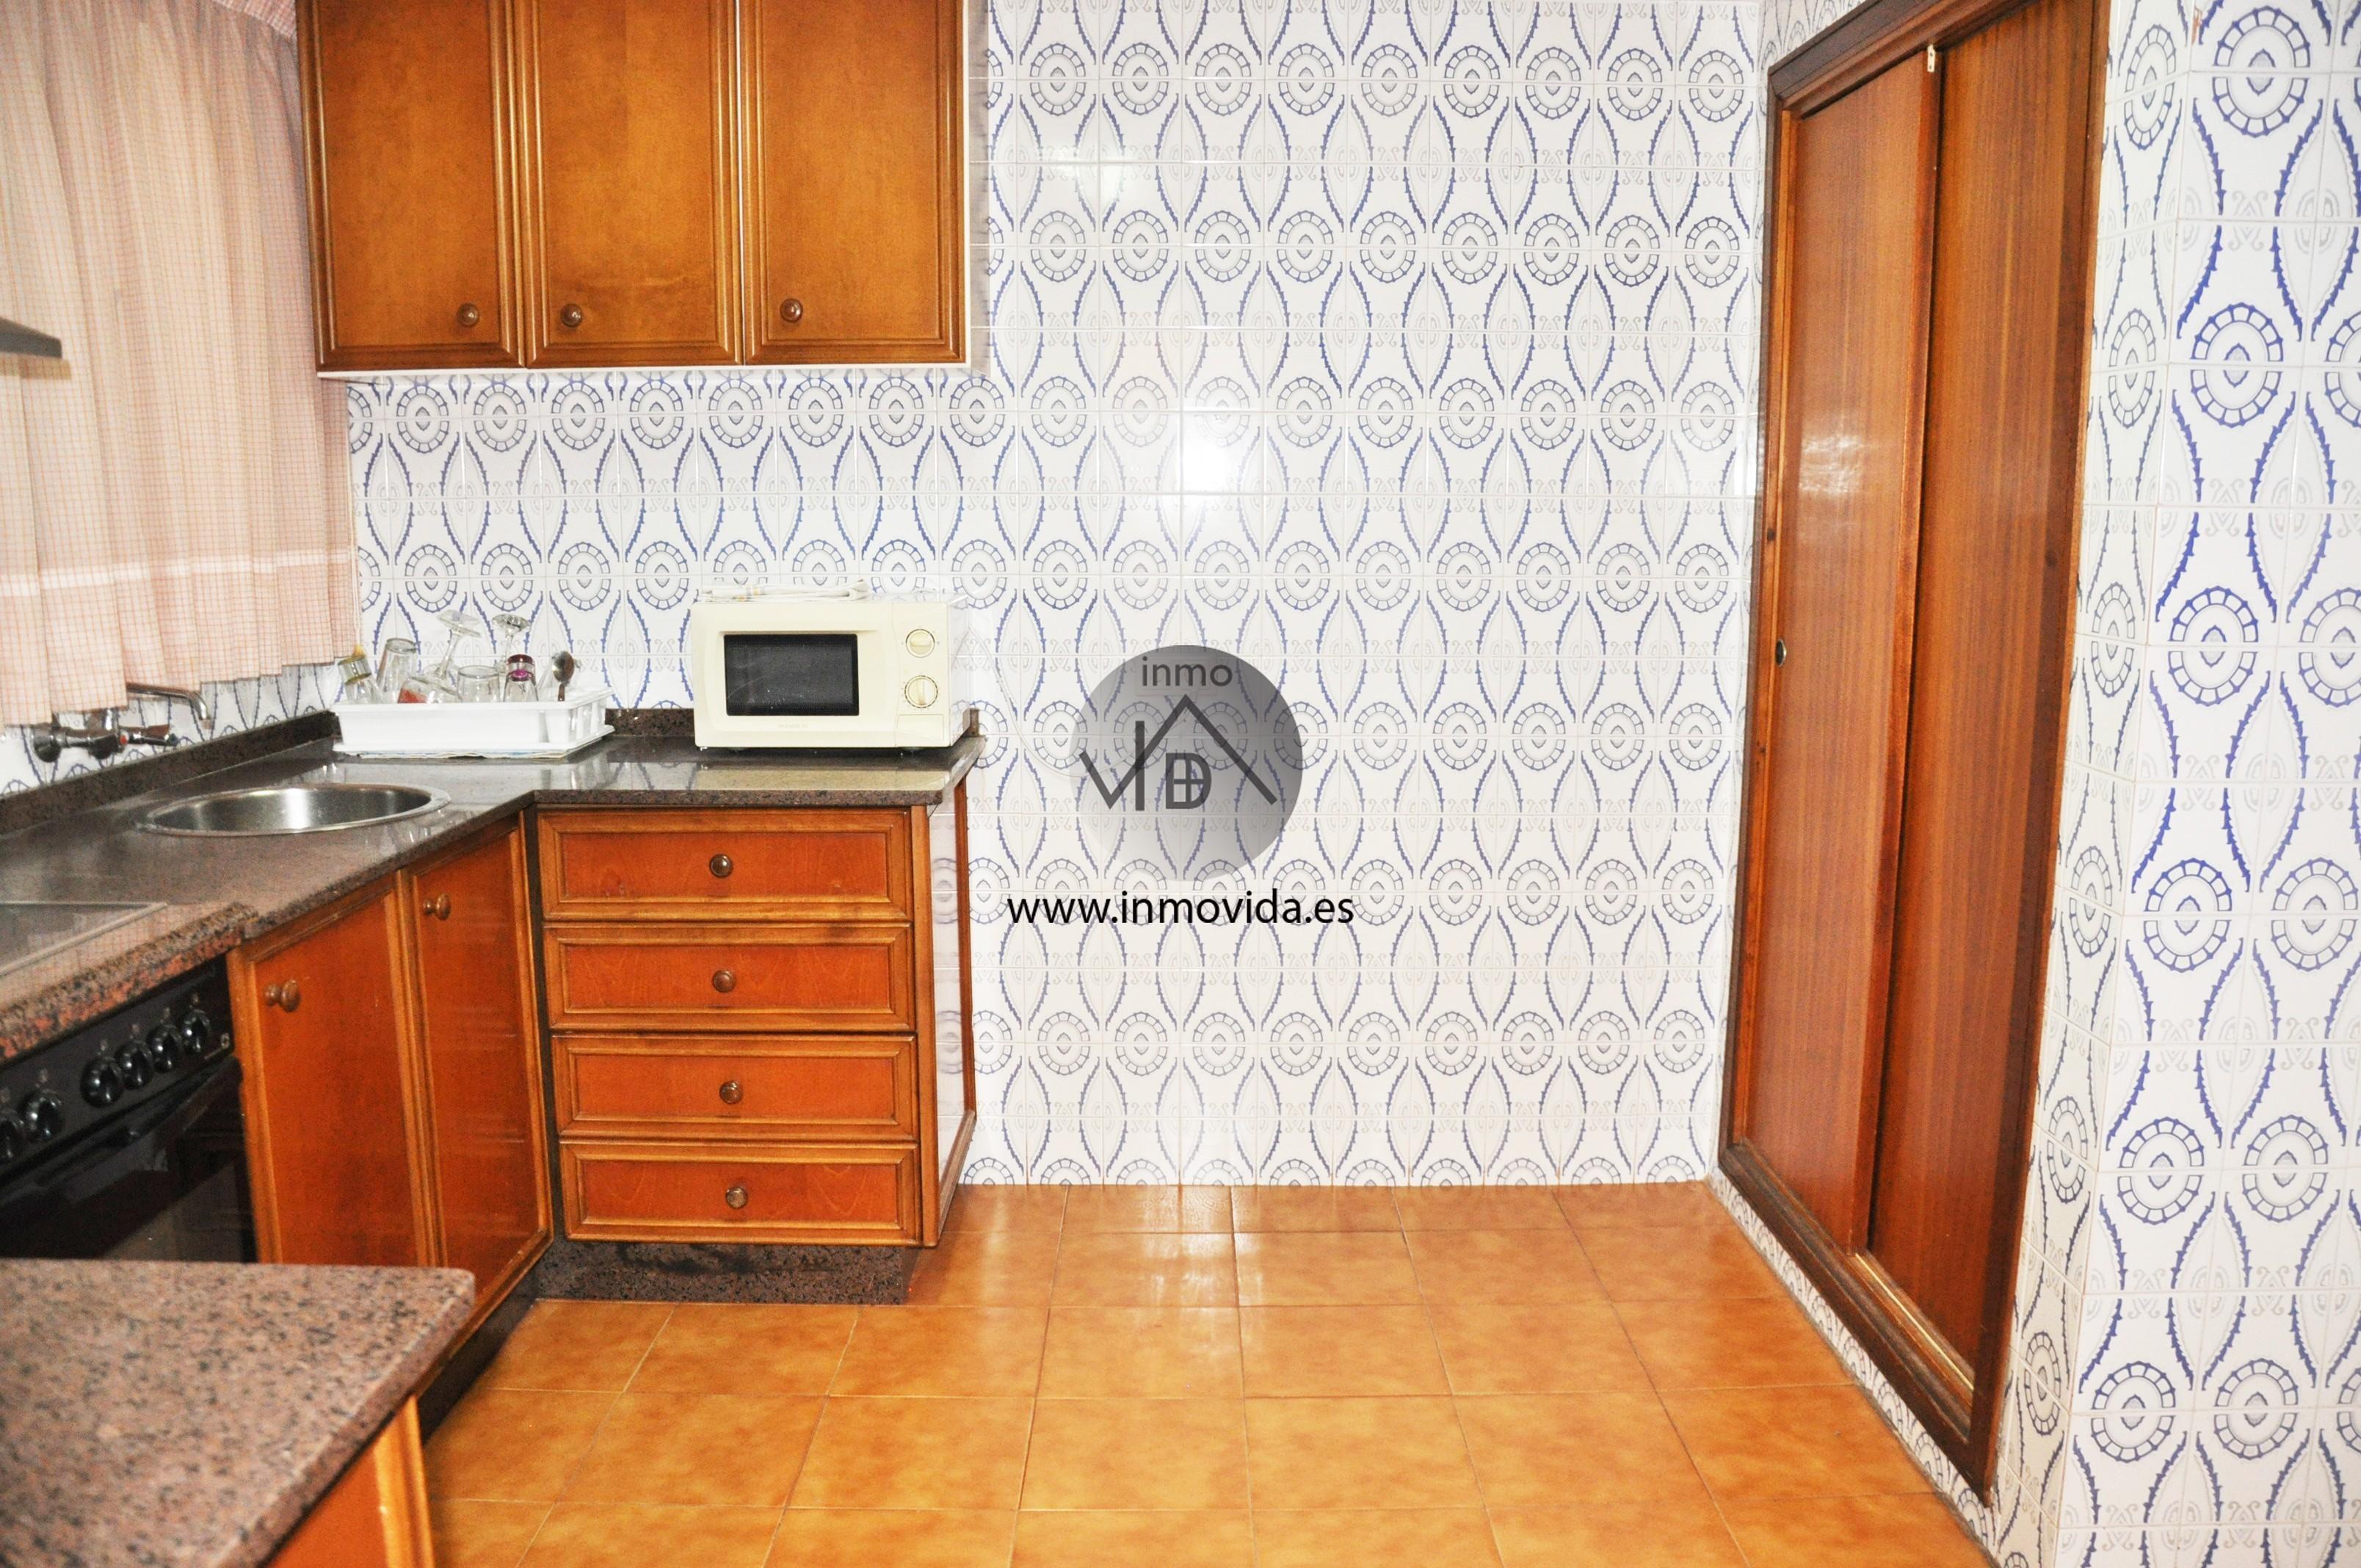 Inmobiliaria Inmovida vende piso céntrico en Xátiva